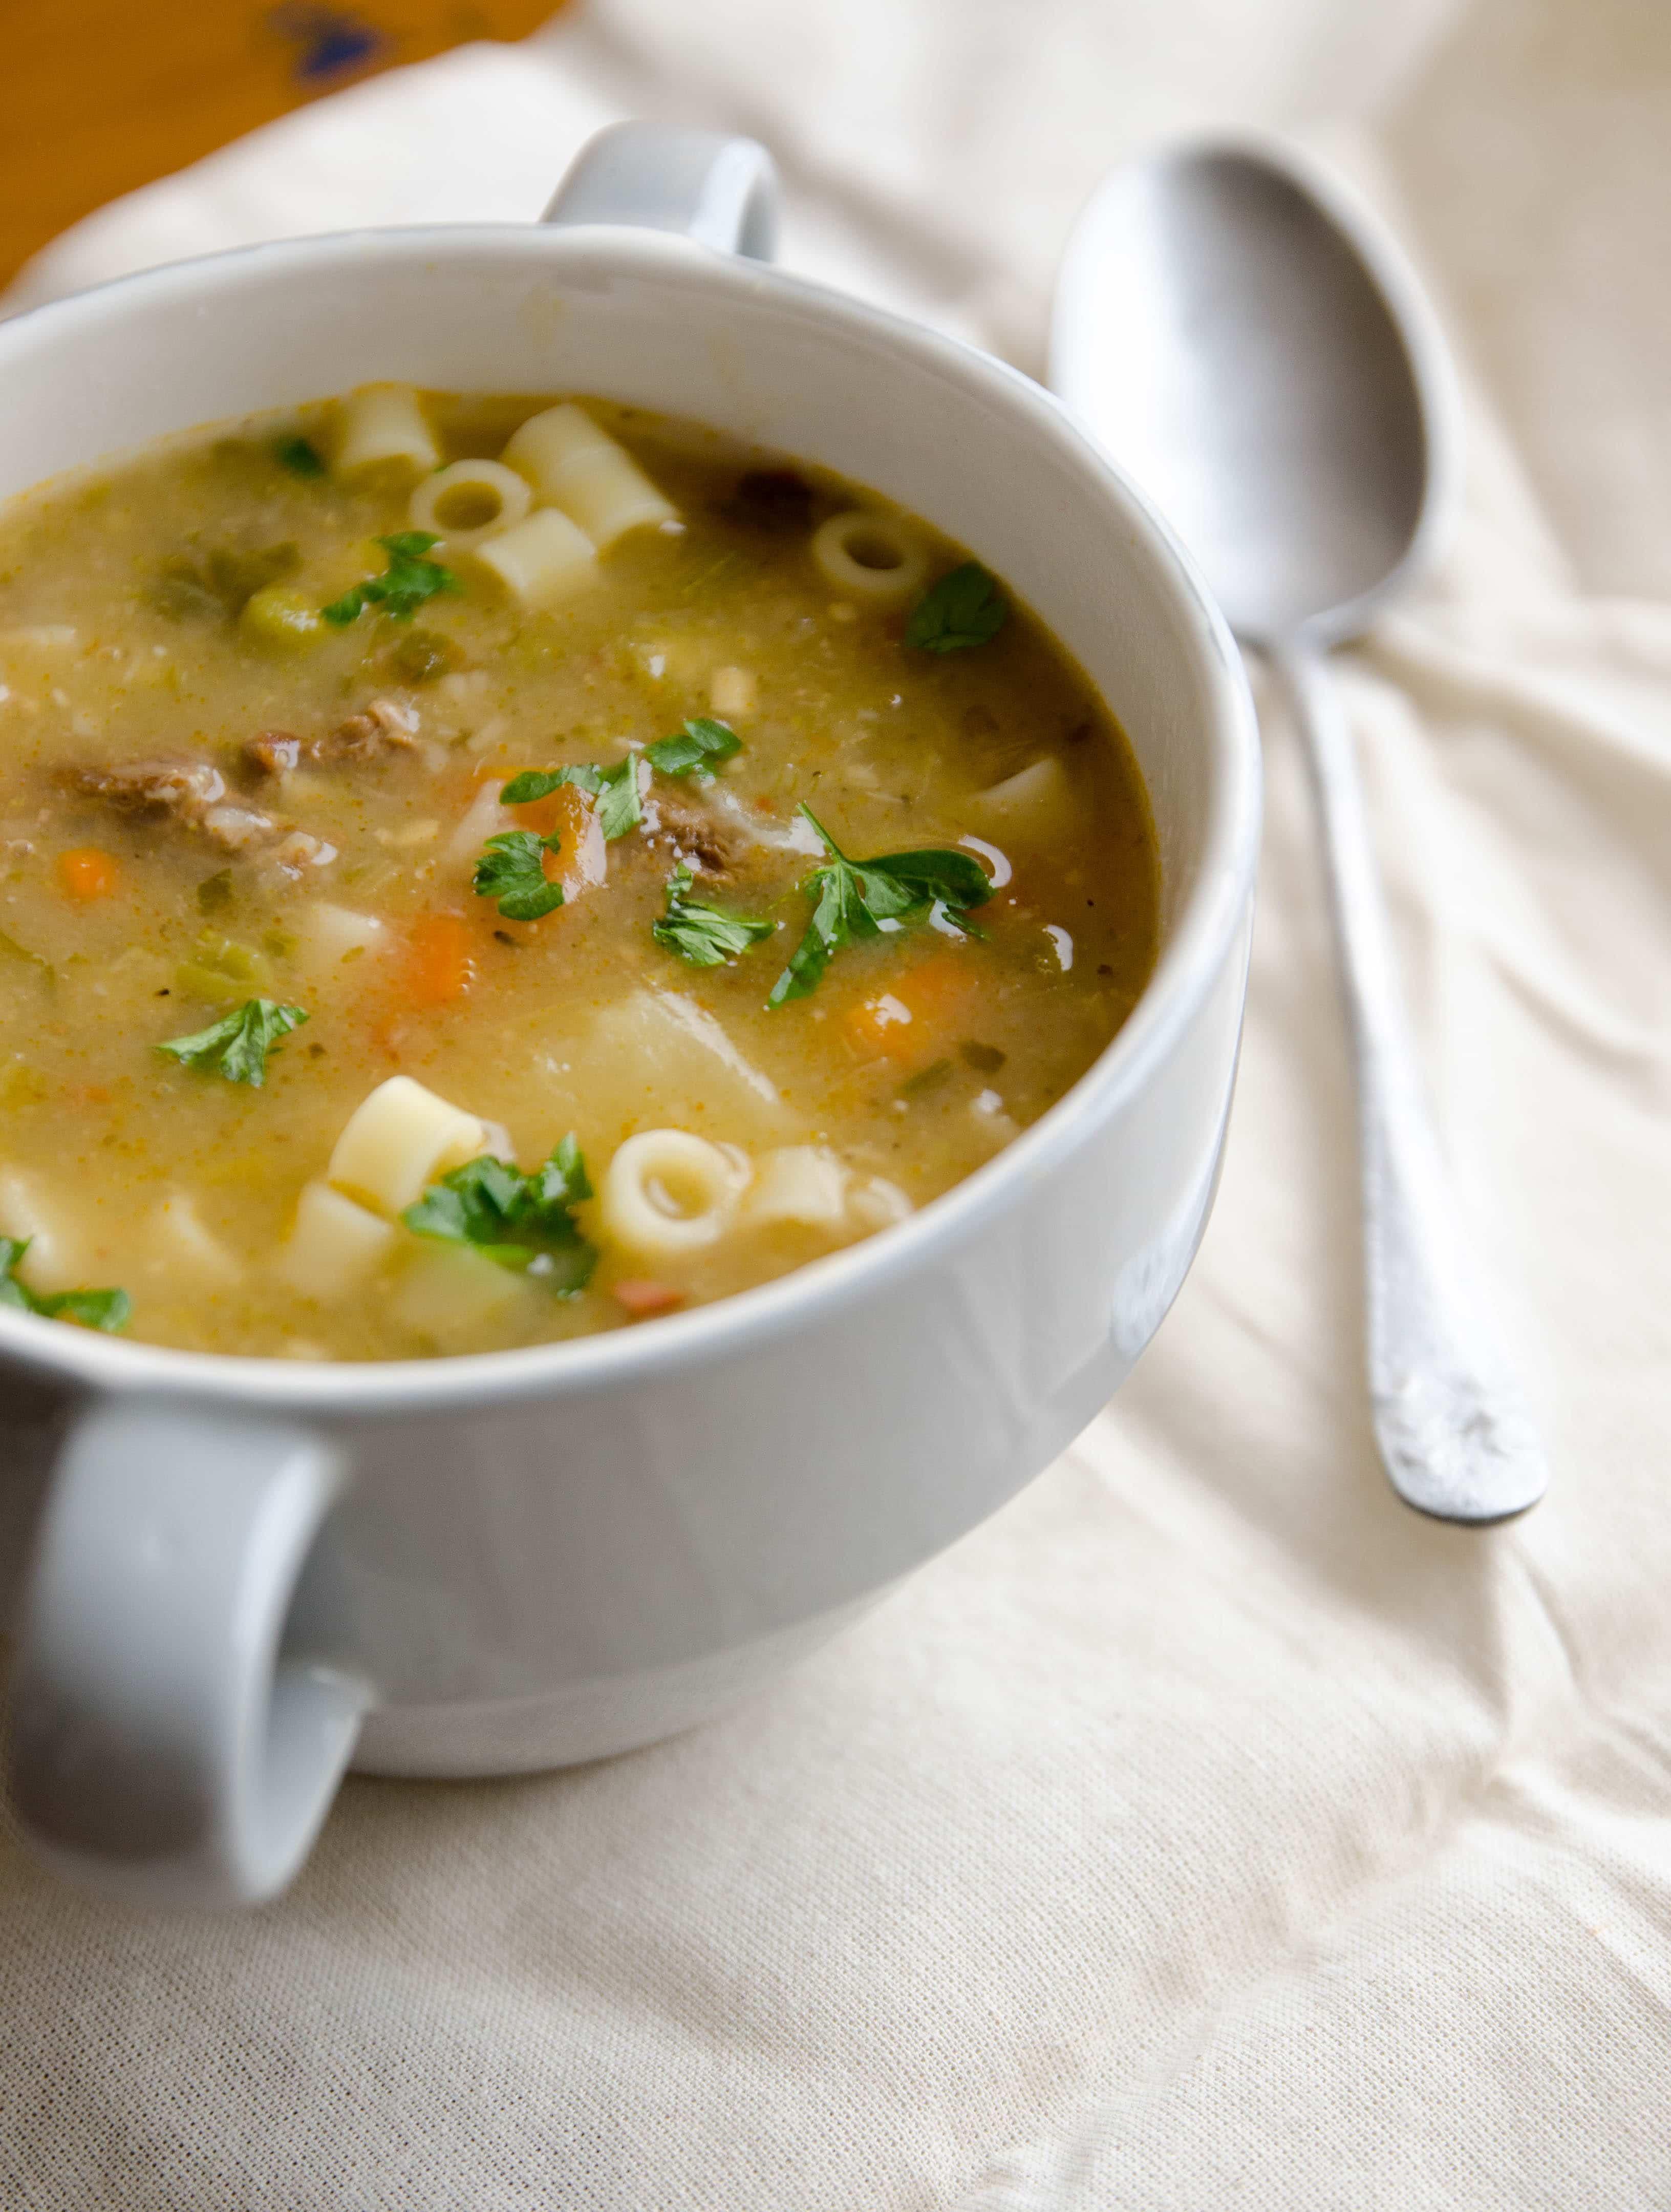 Receita simples de sopa de músculo, legumes e macarrão padre nosso